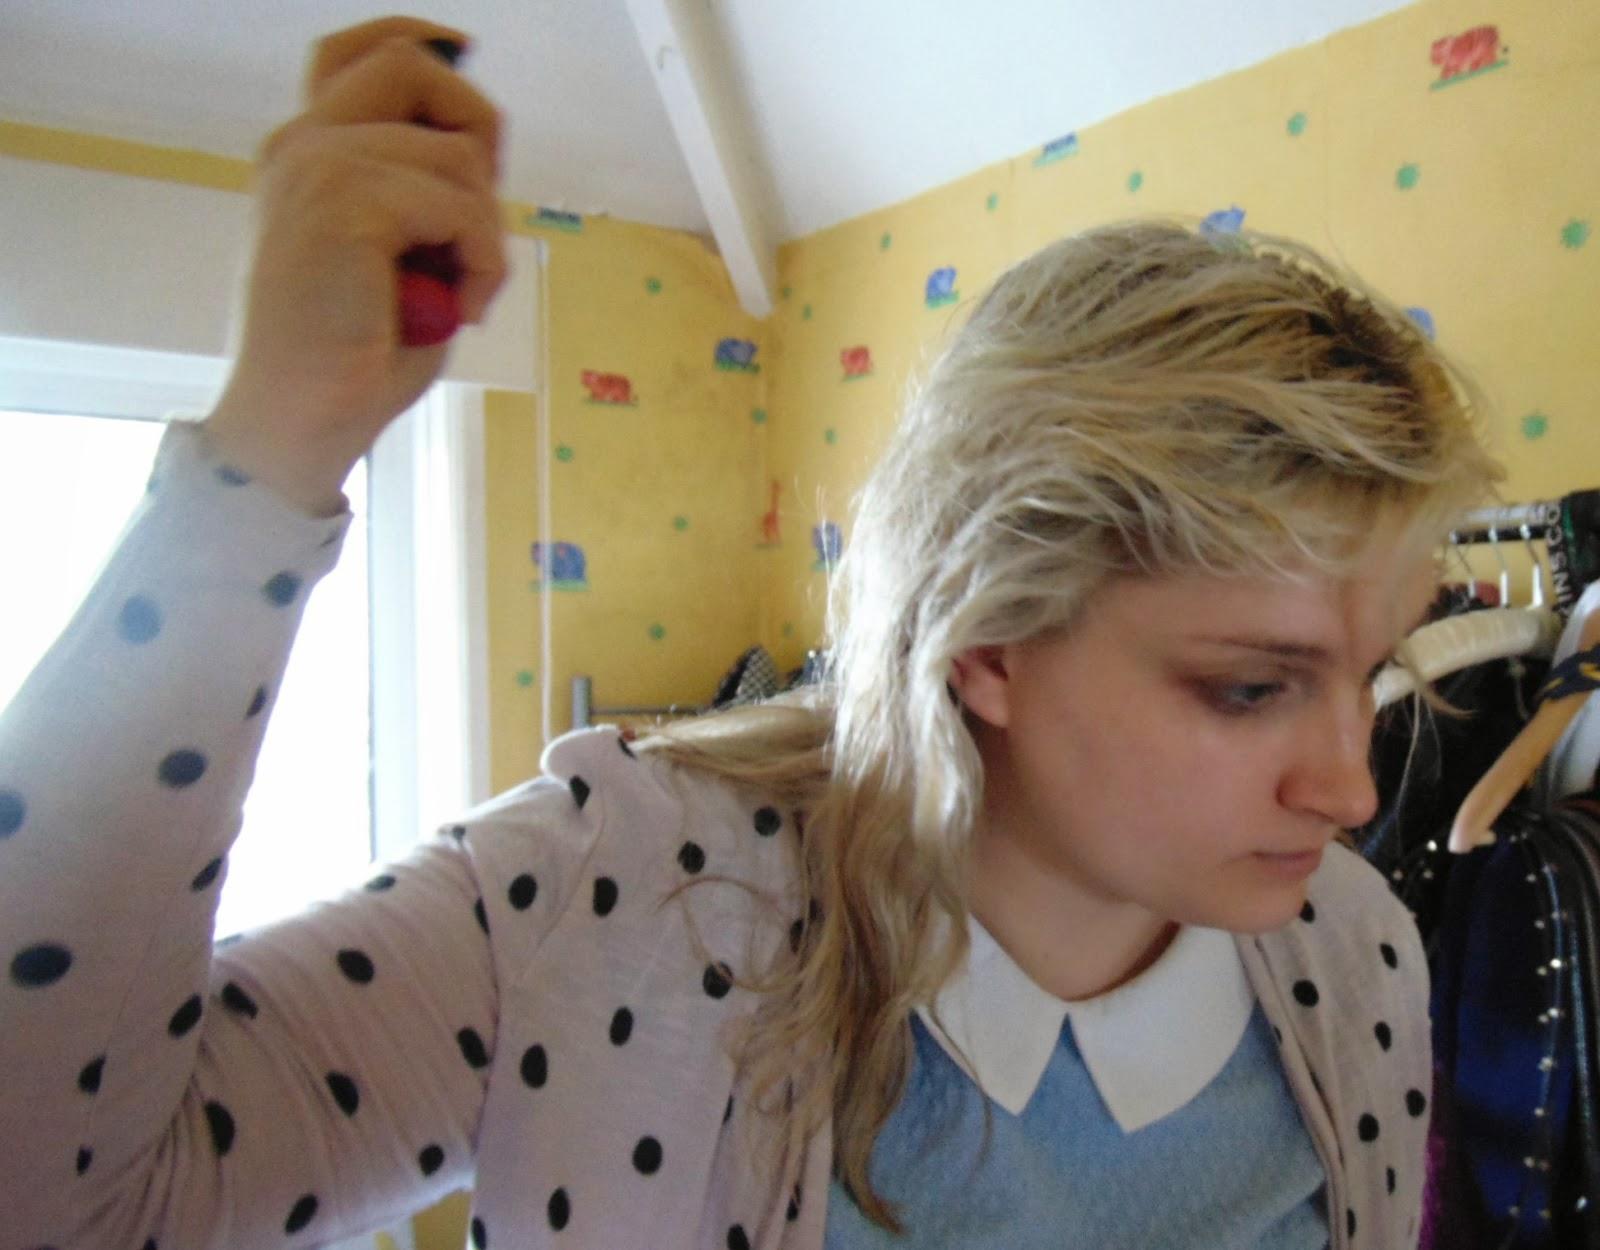 springtime hair style's heat protectant